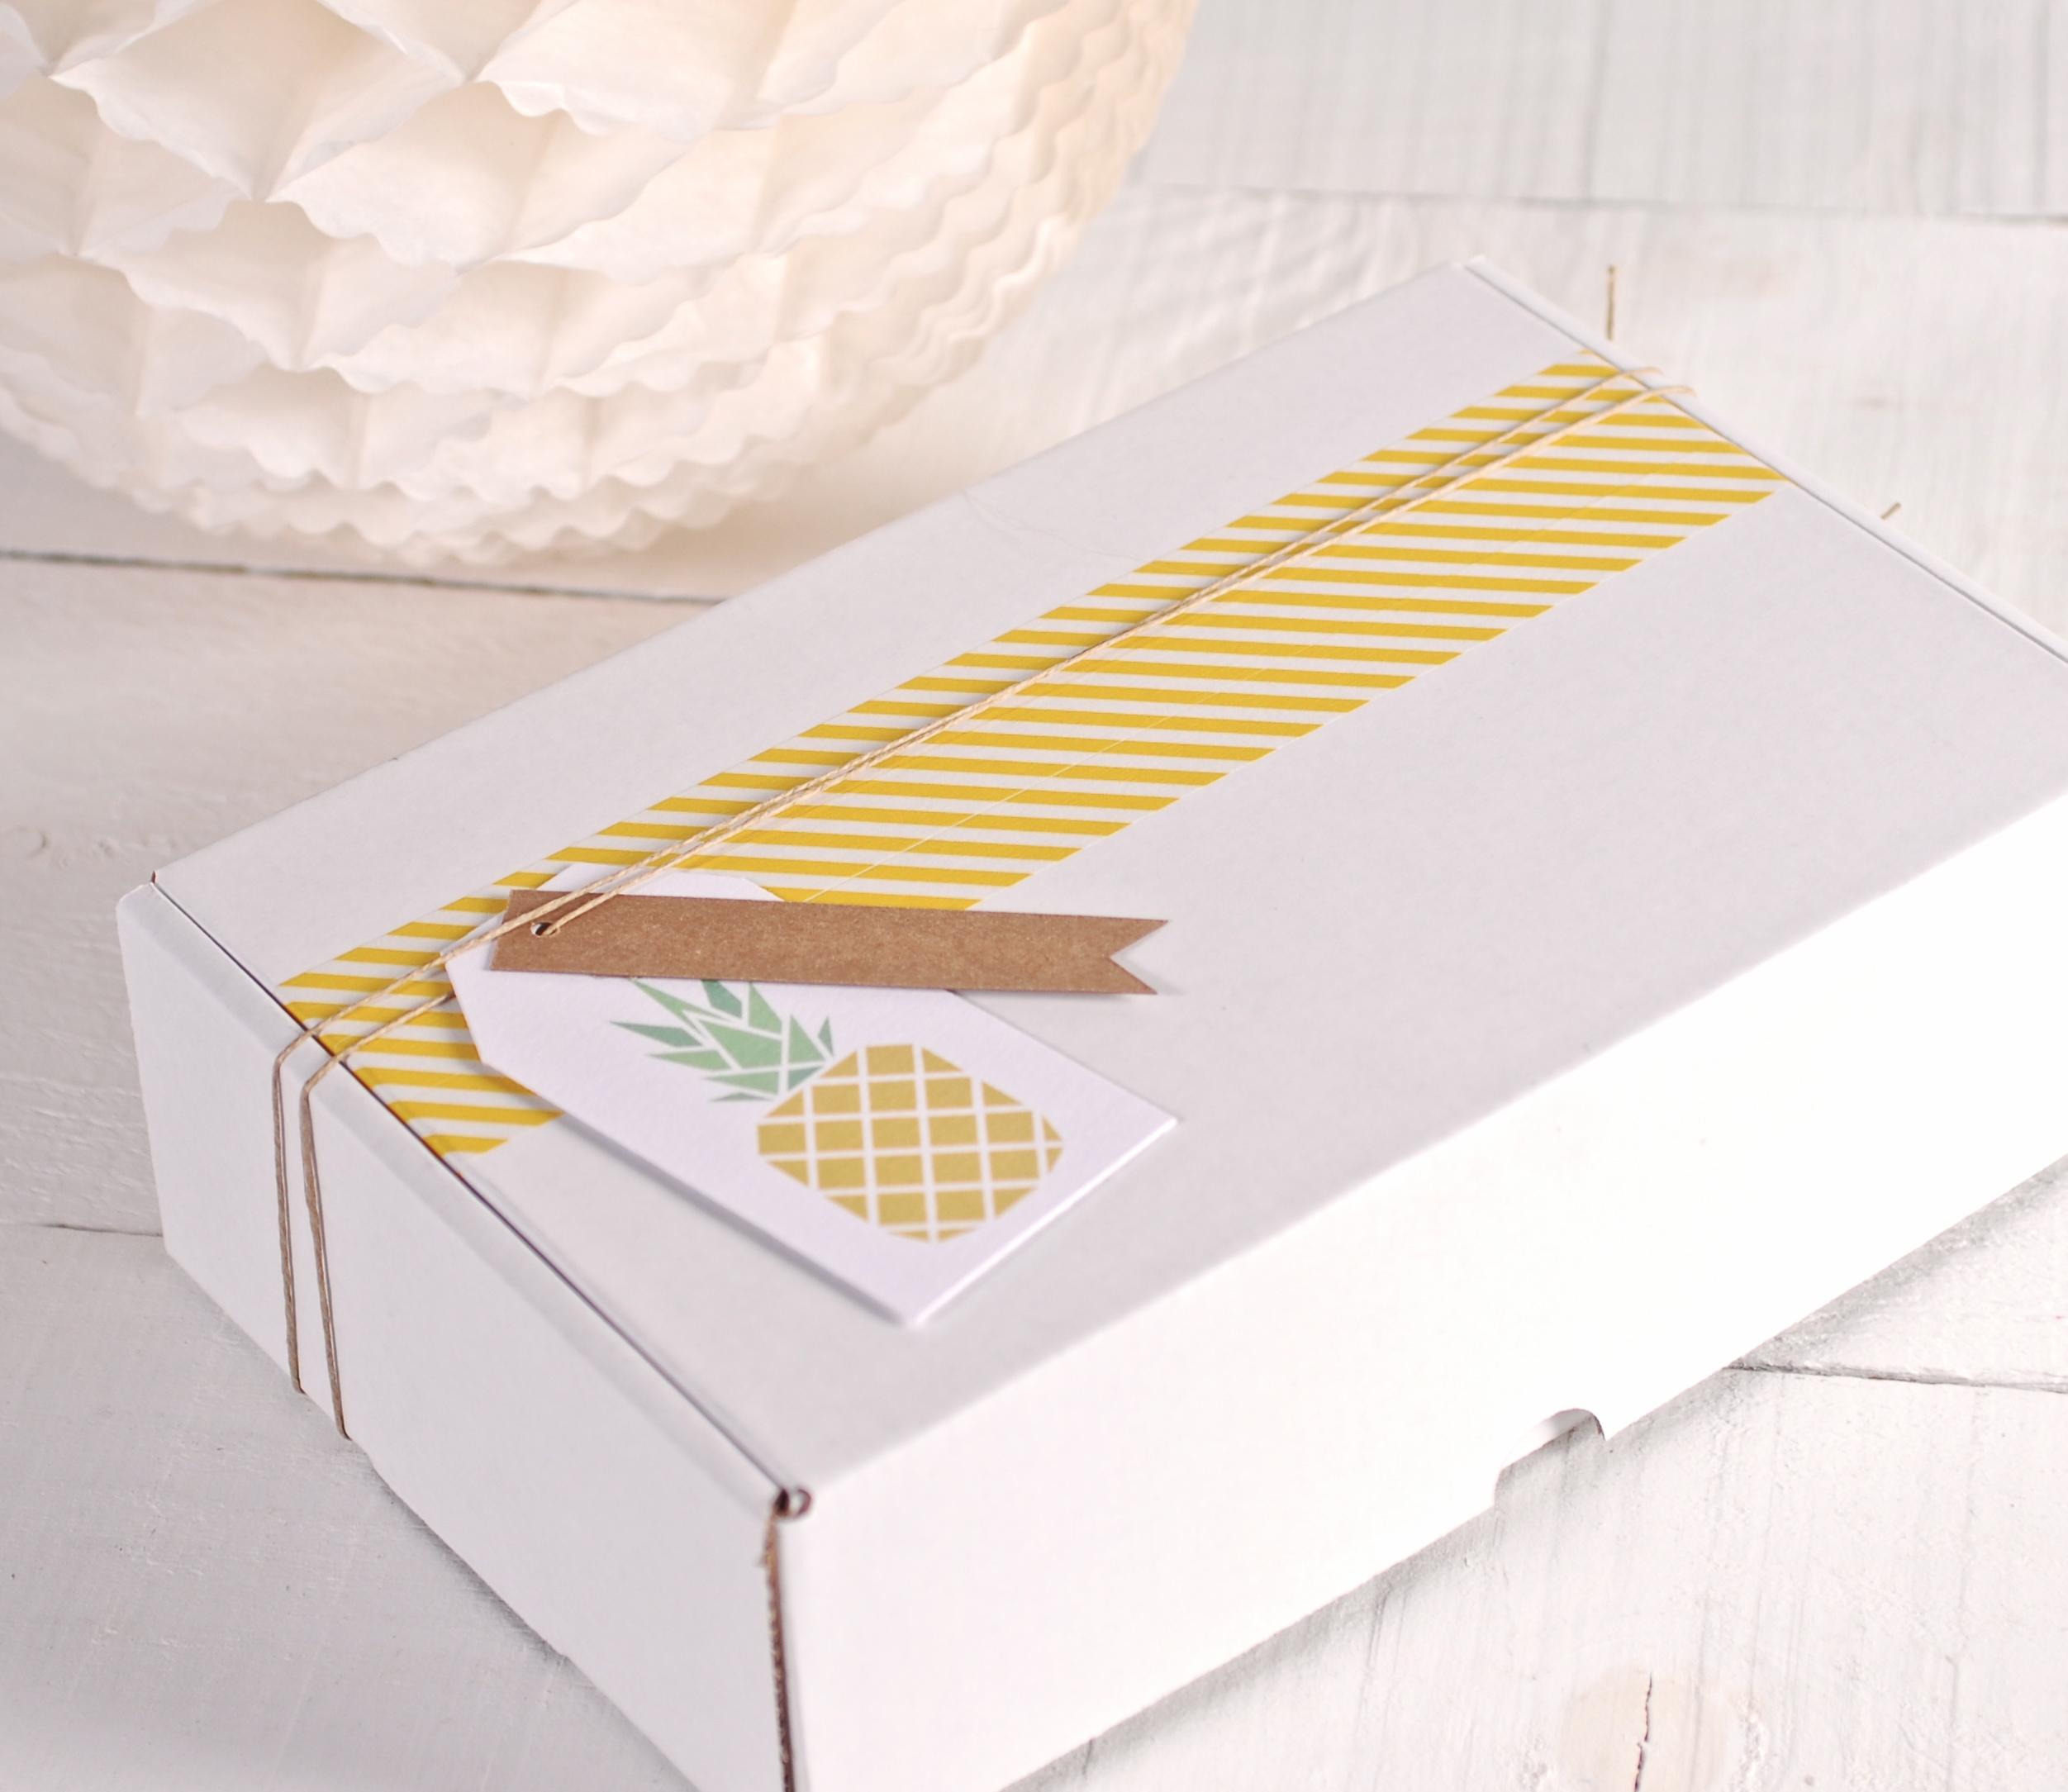 modele etiquette boite aux lettres top porte de boite aux lettres with modele etiquette boite. Black Bedroom Furniture Sets. Home Design Ideas